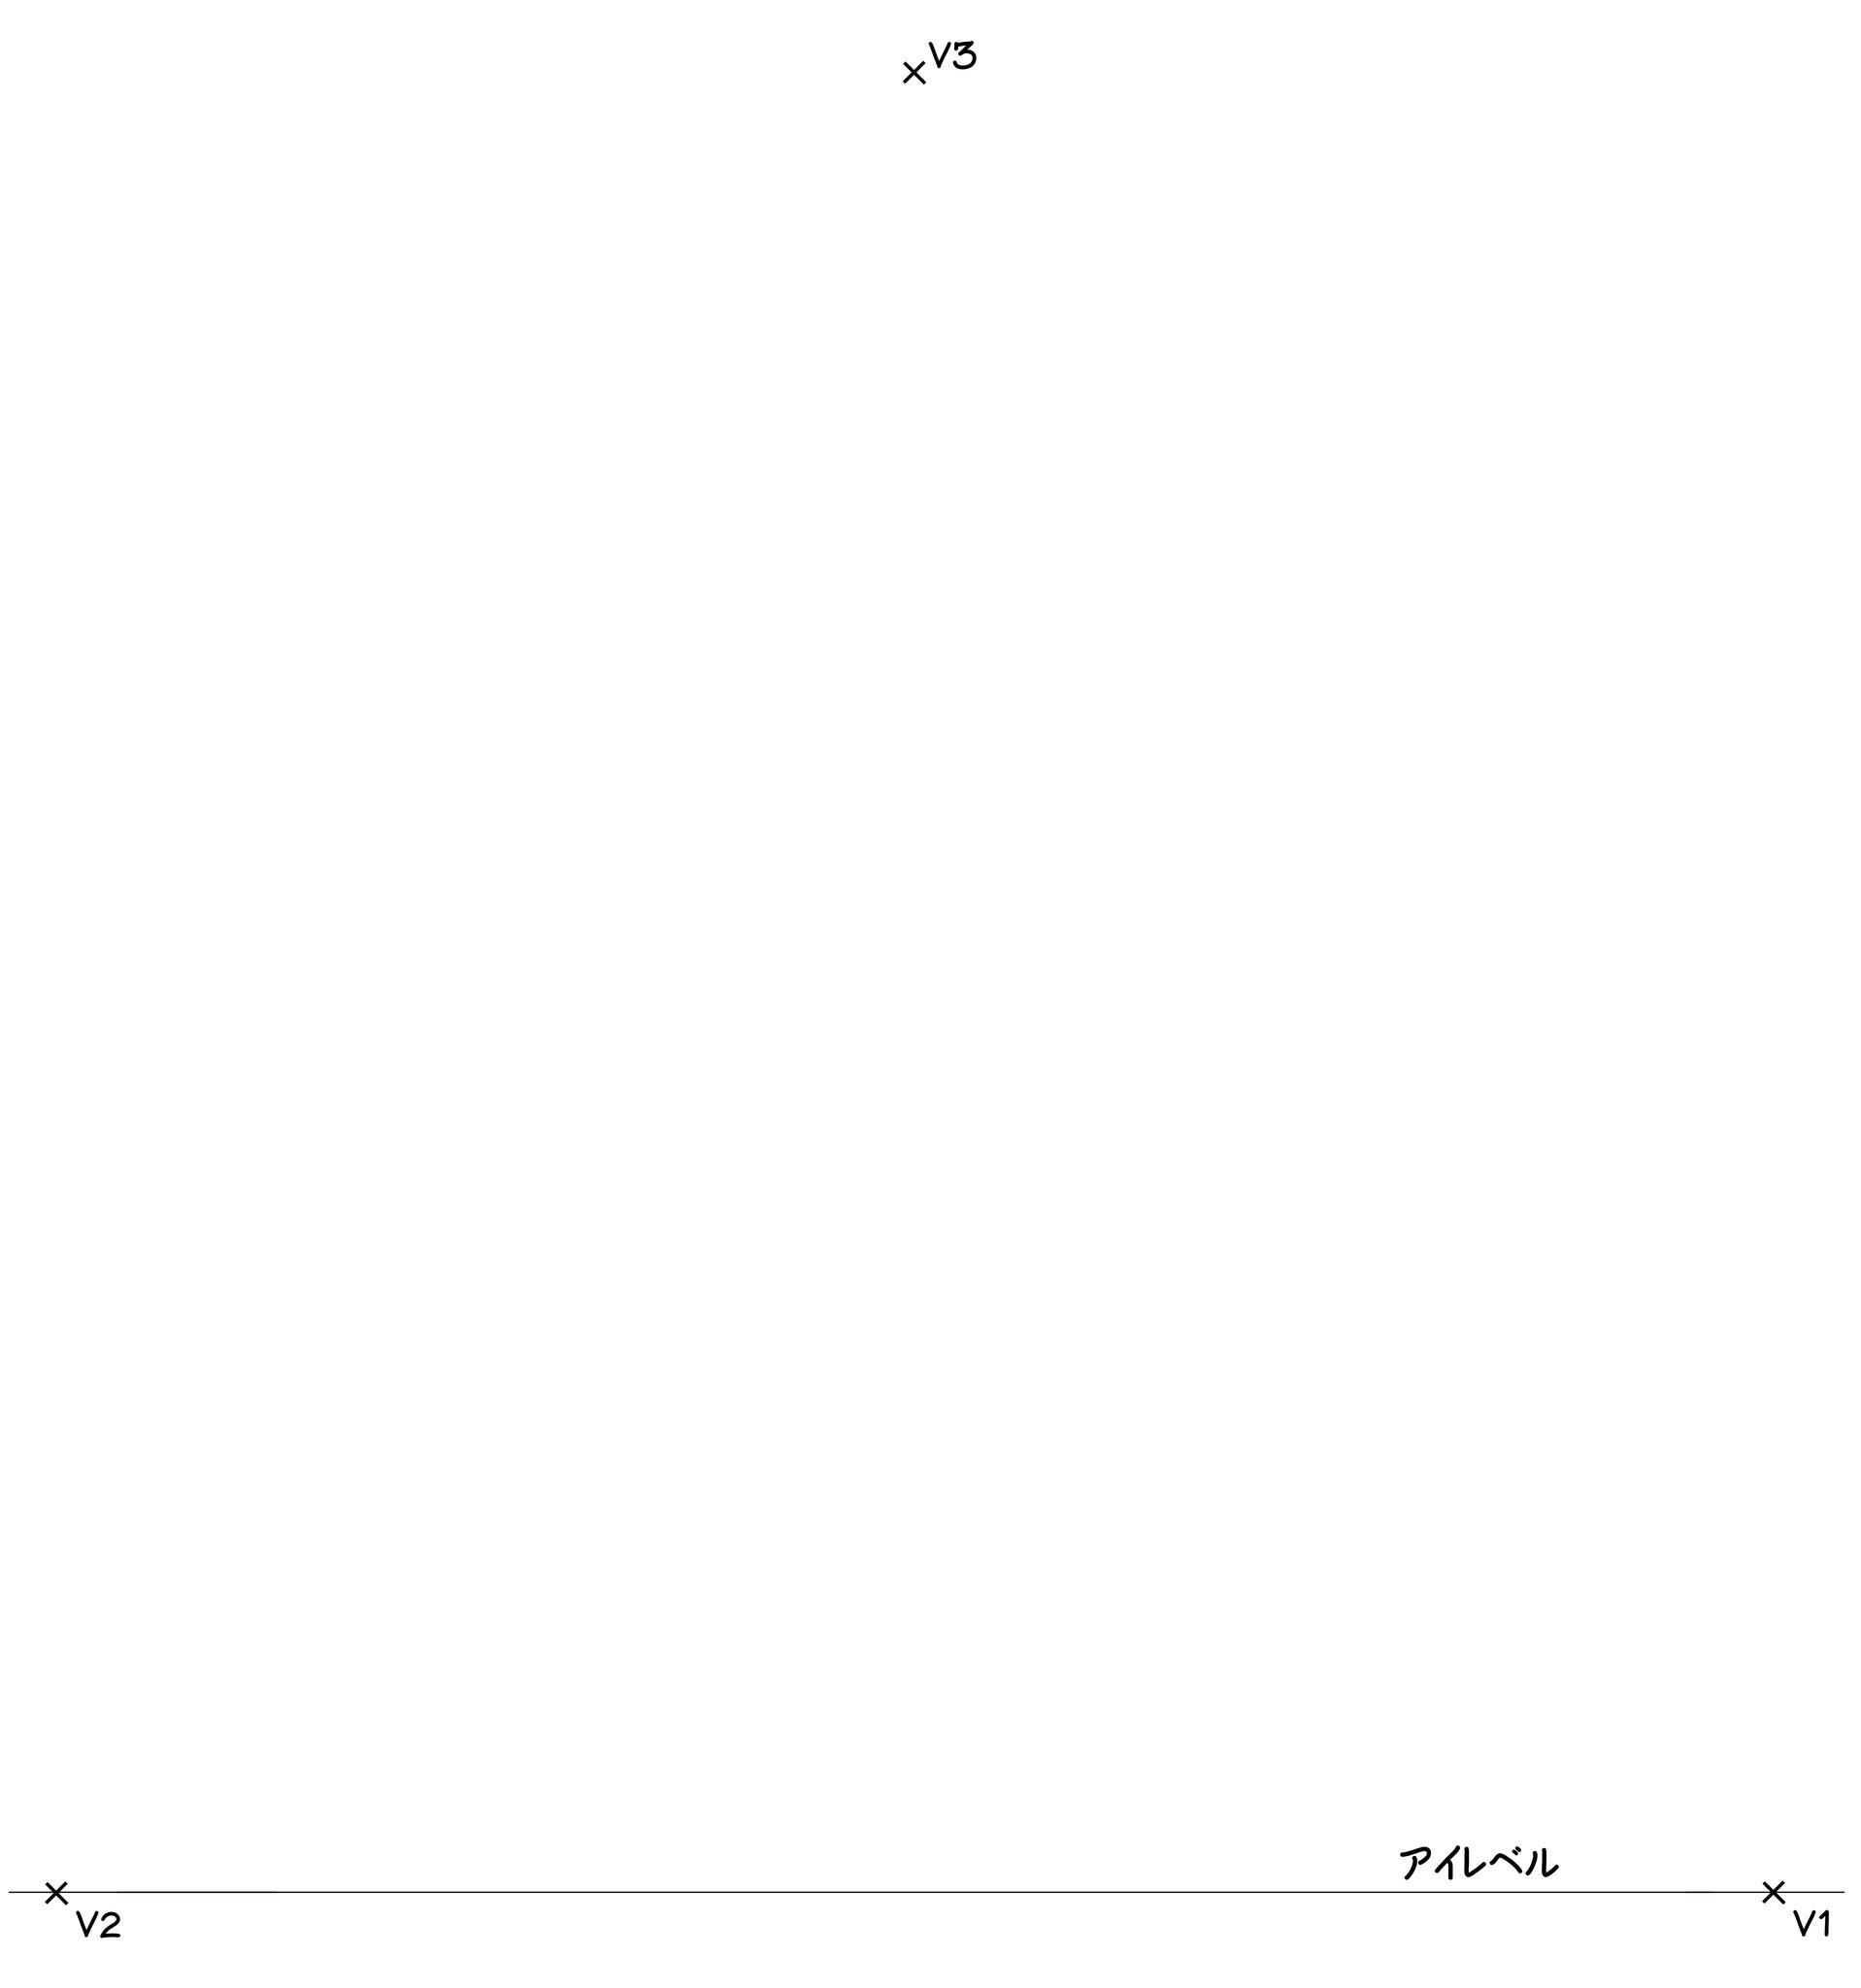 ①まずアイレベルを引き、その上に消失点V1とV2を。上方に消失点V3を設定します。V3は左右真ん中あたりに設定してください